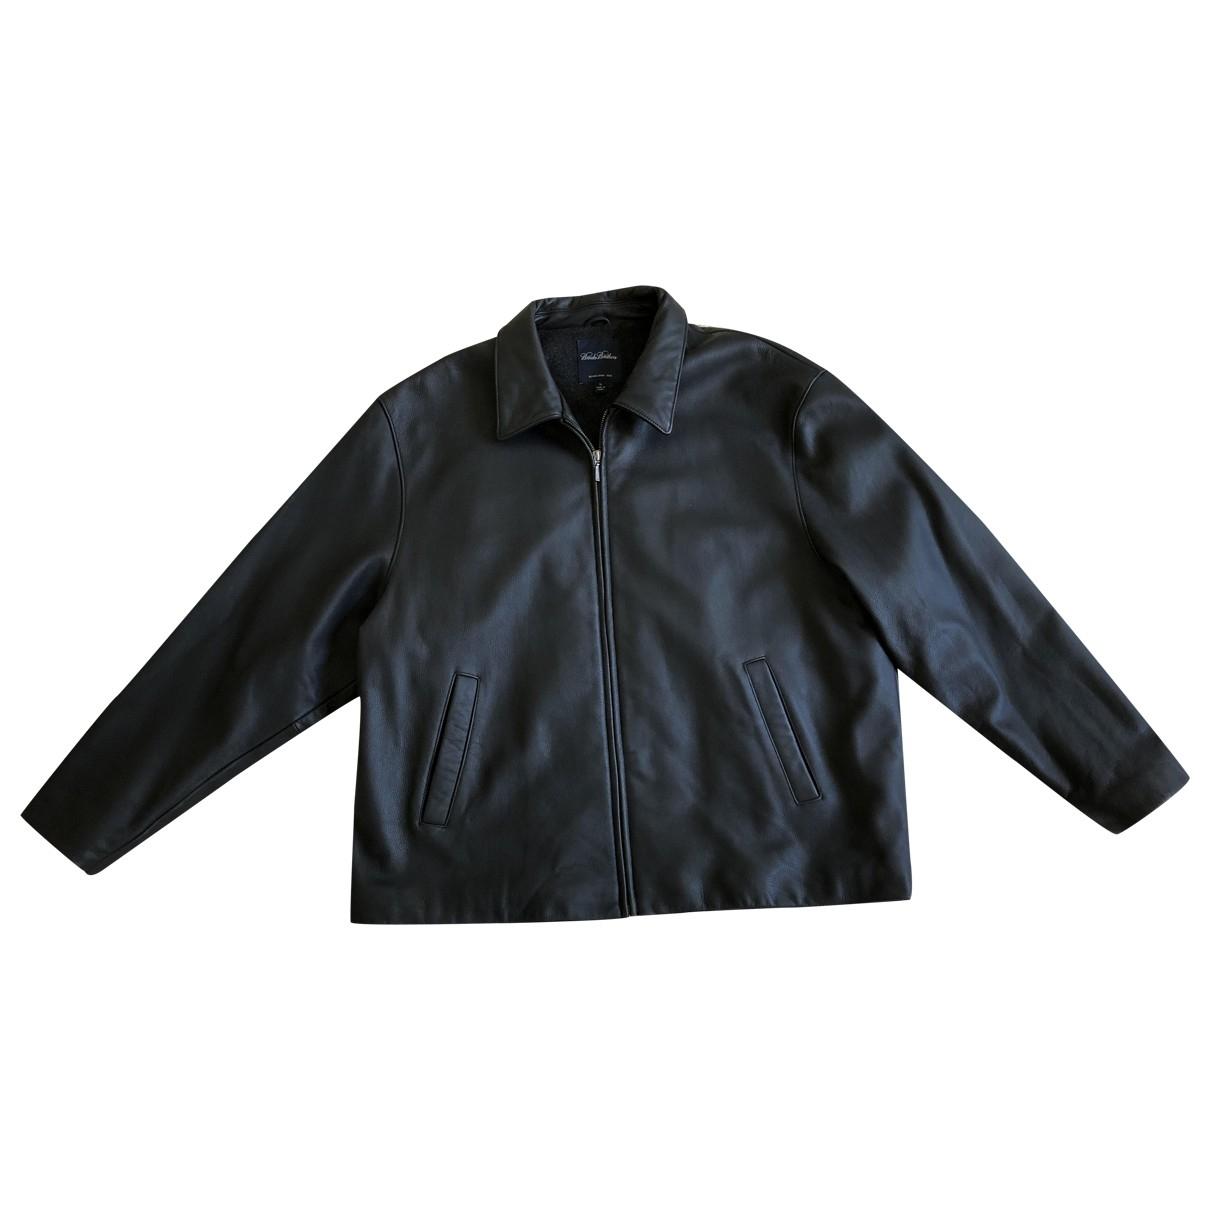 Brooks Brothers - Manteau   pour homme en cuir - marron